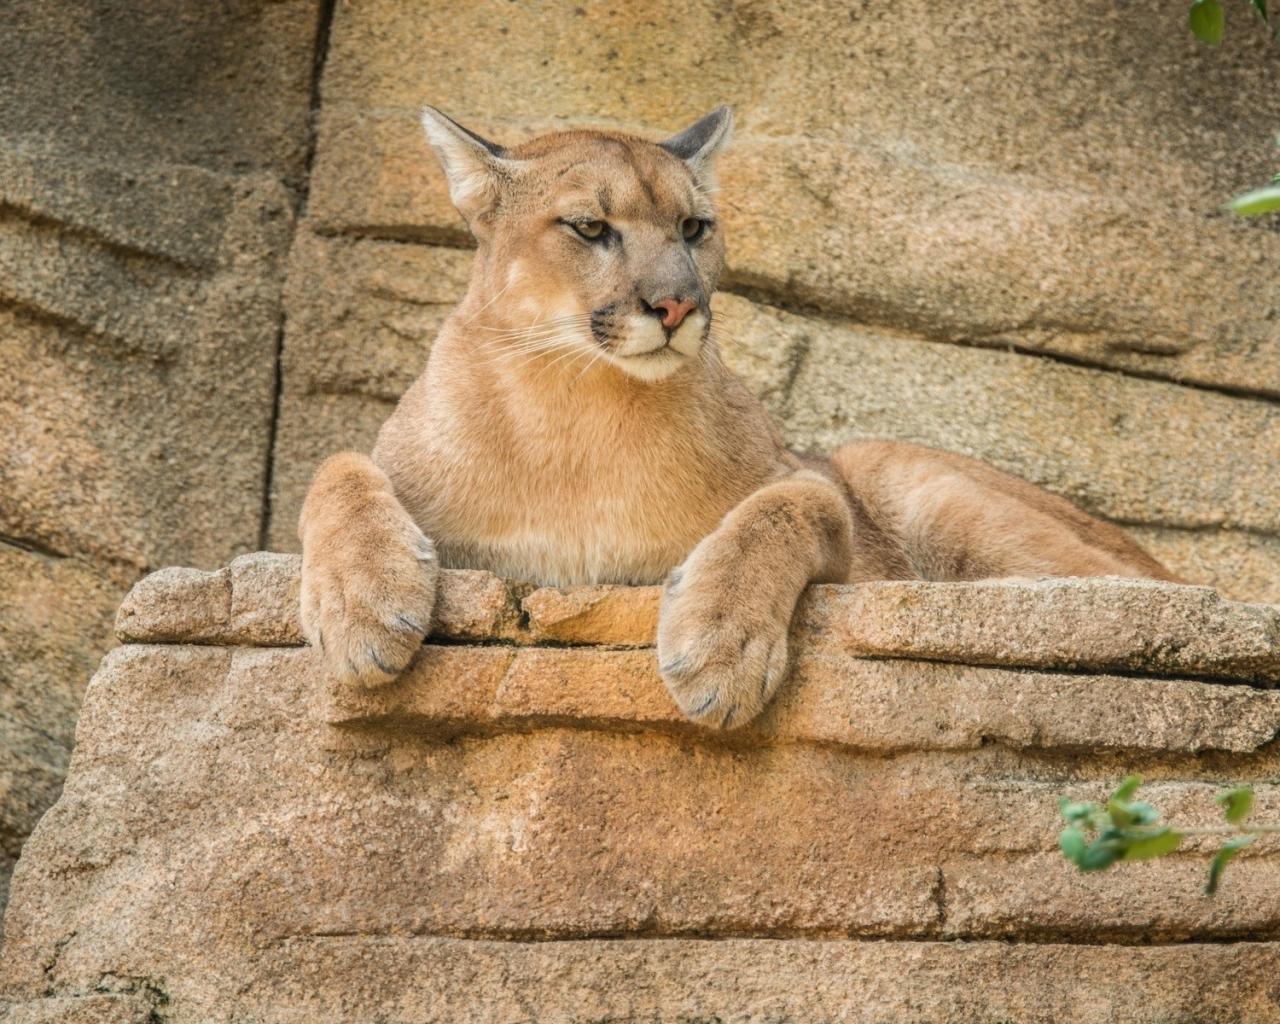 Una leona - 1280x1024